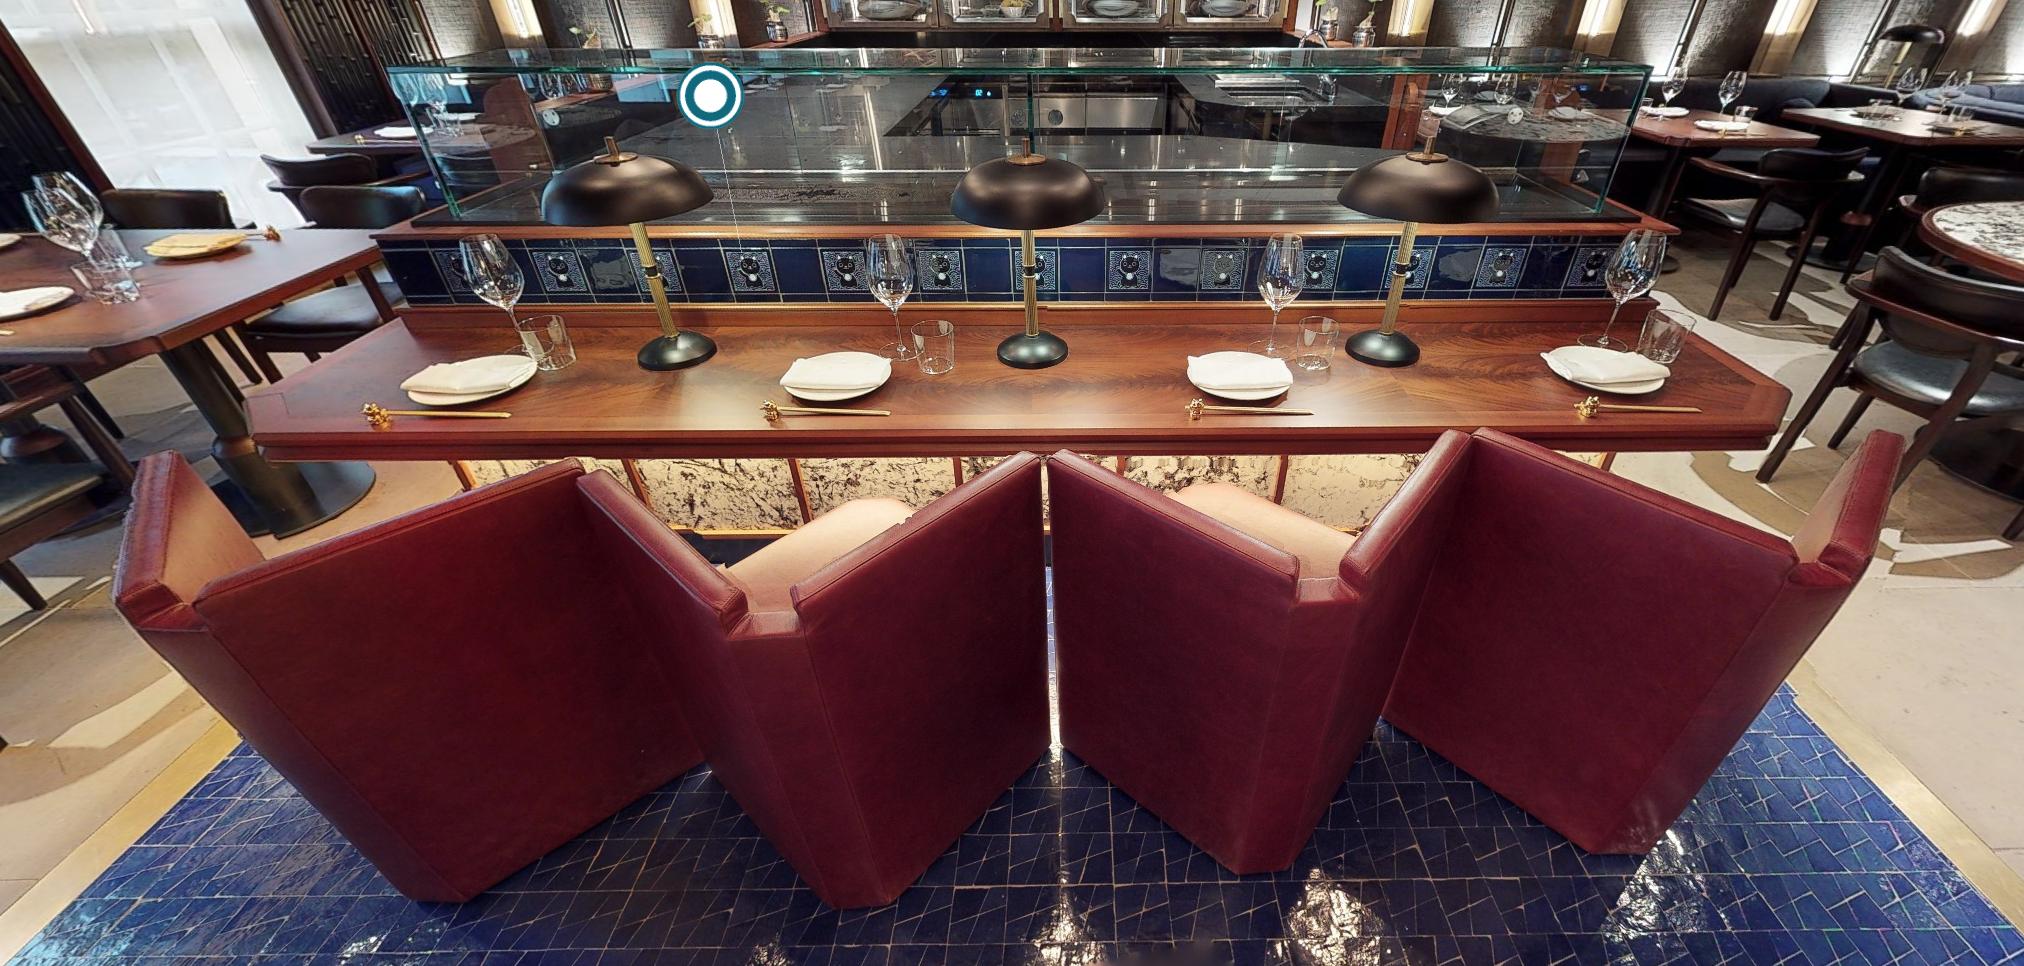 Unique bar chairs v-shape